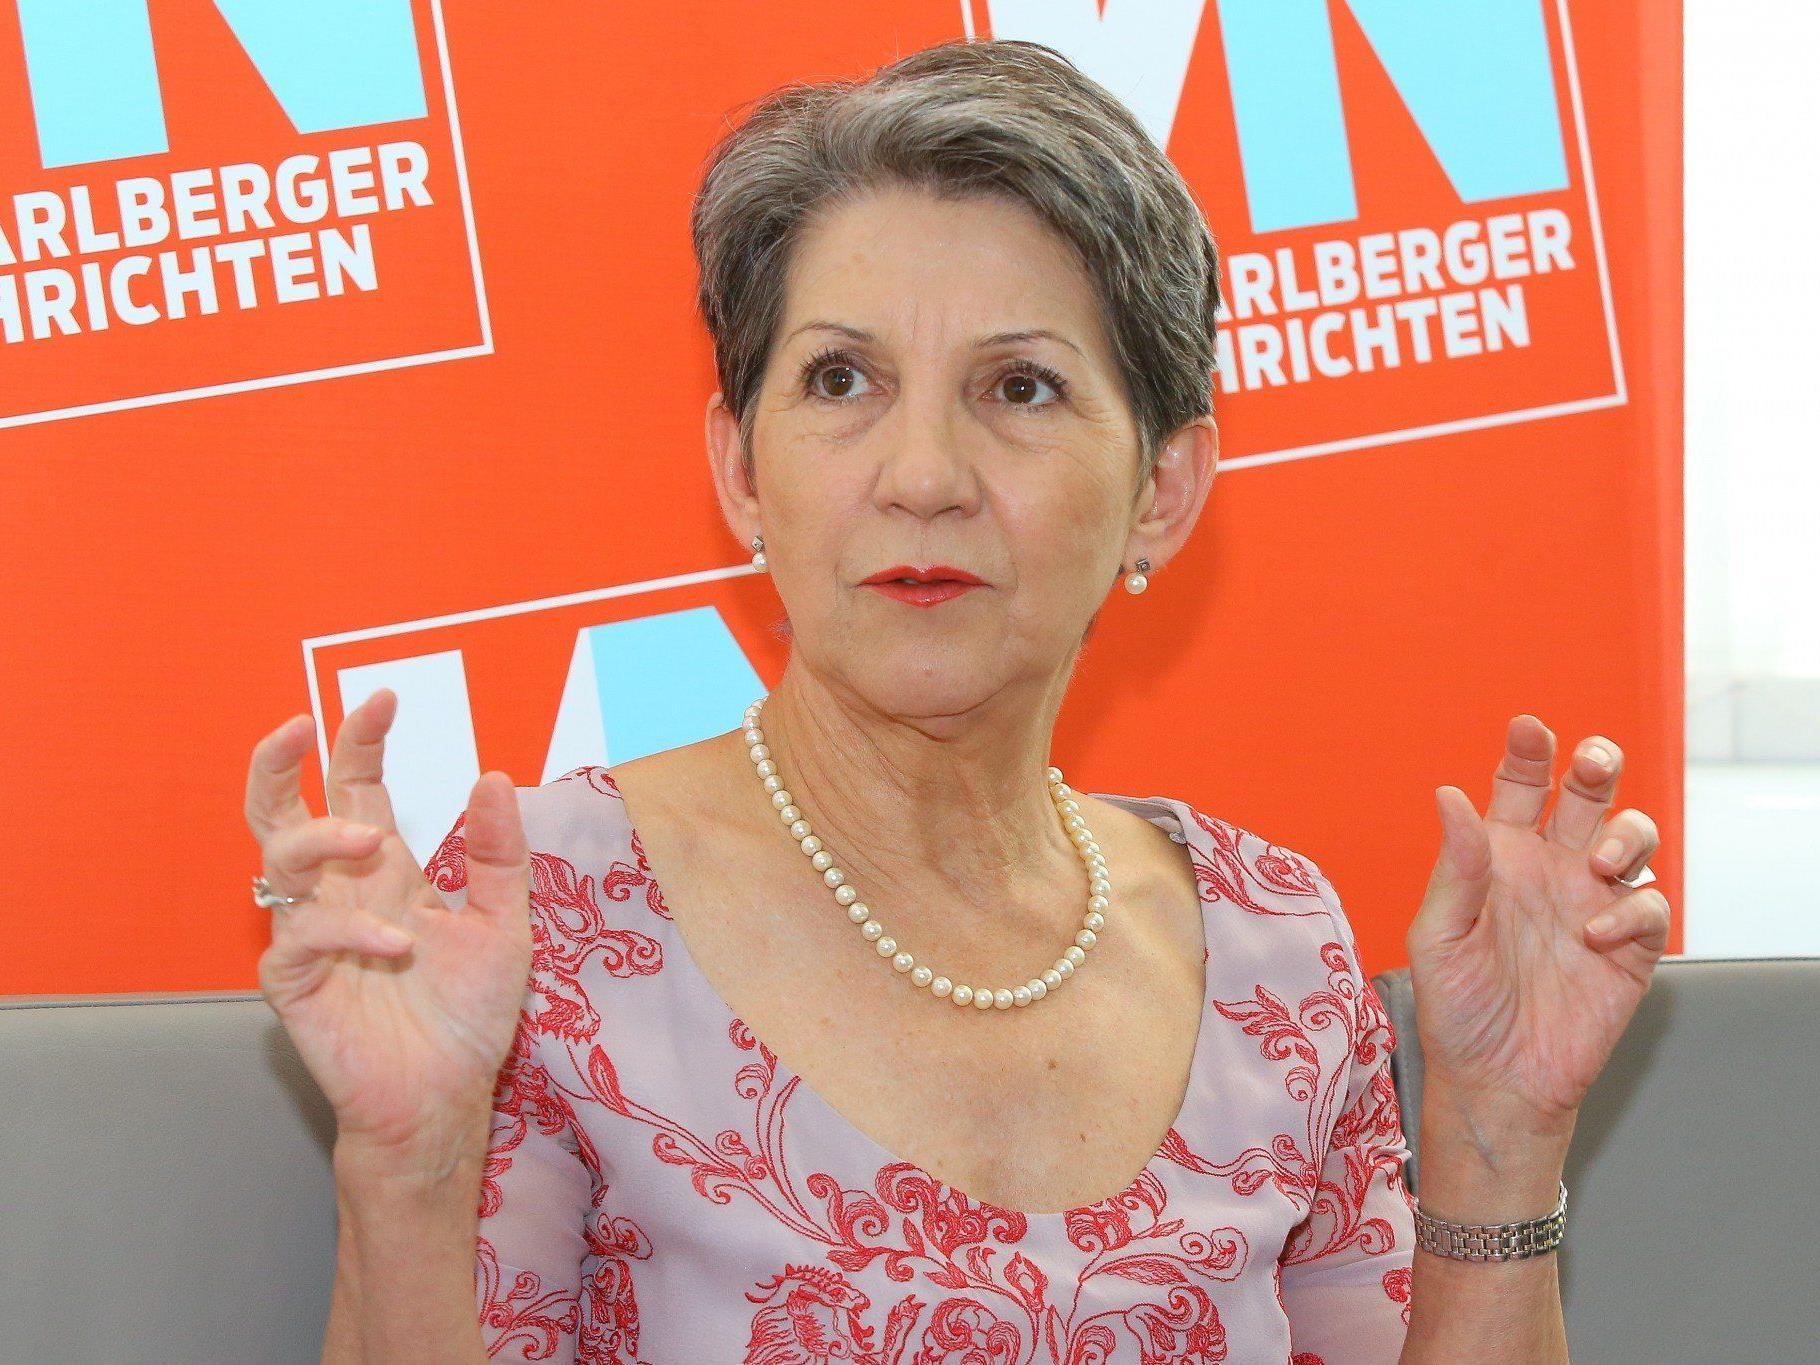 Auf Festspielbesuch in Vorarlberg: Nationalratspräsidentin Prammer möchte ihr Amt auch nach der Wahl ausüben.